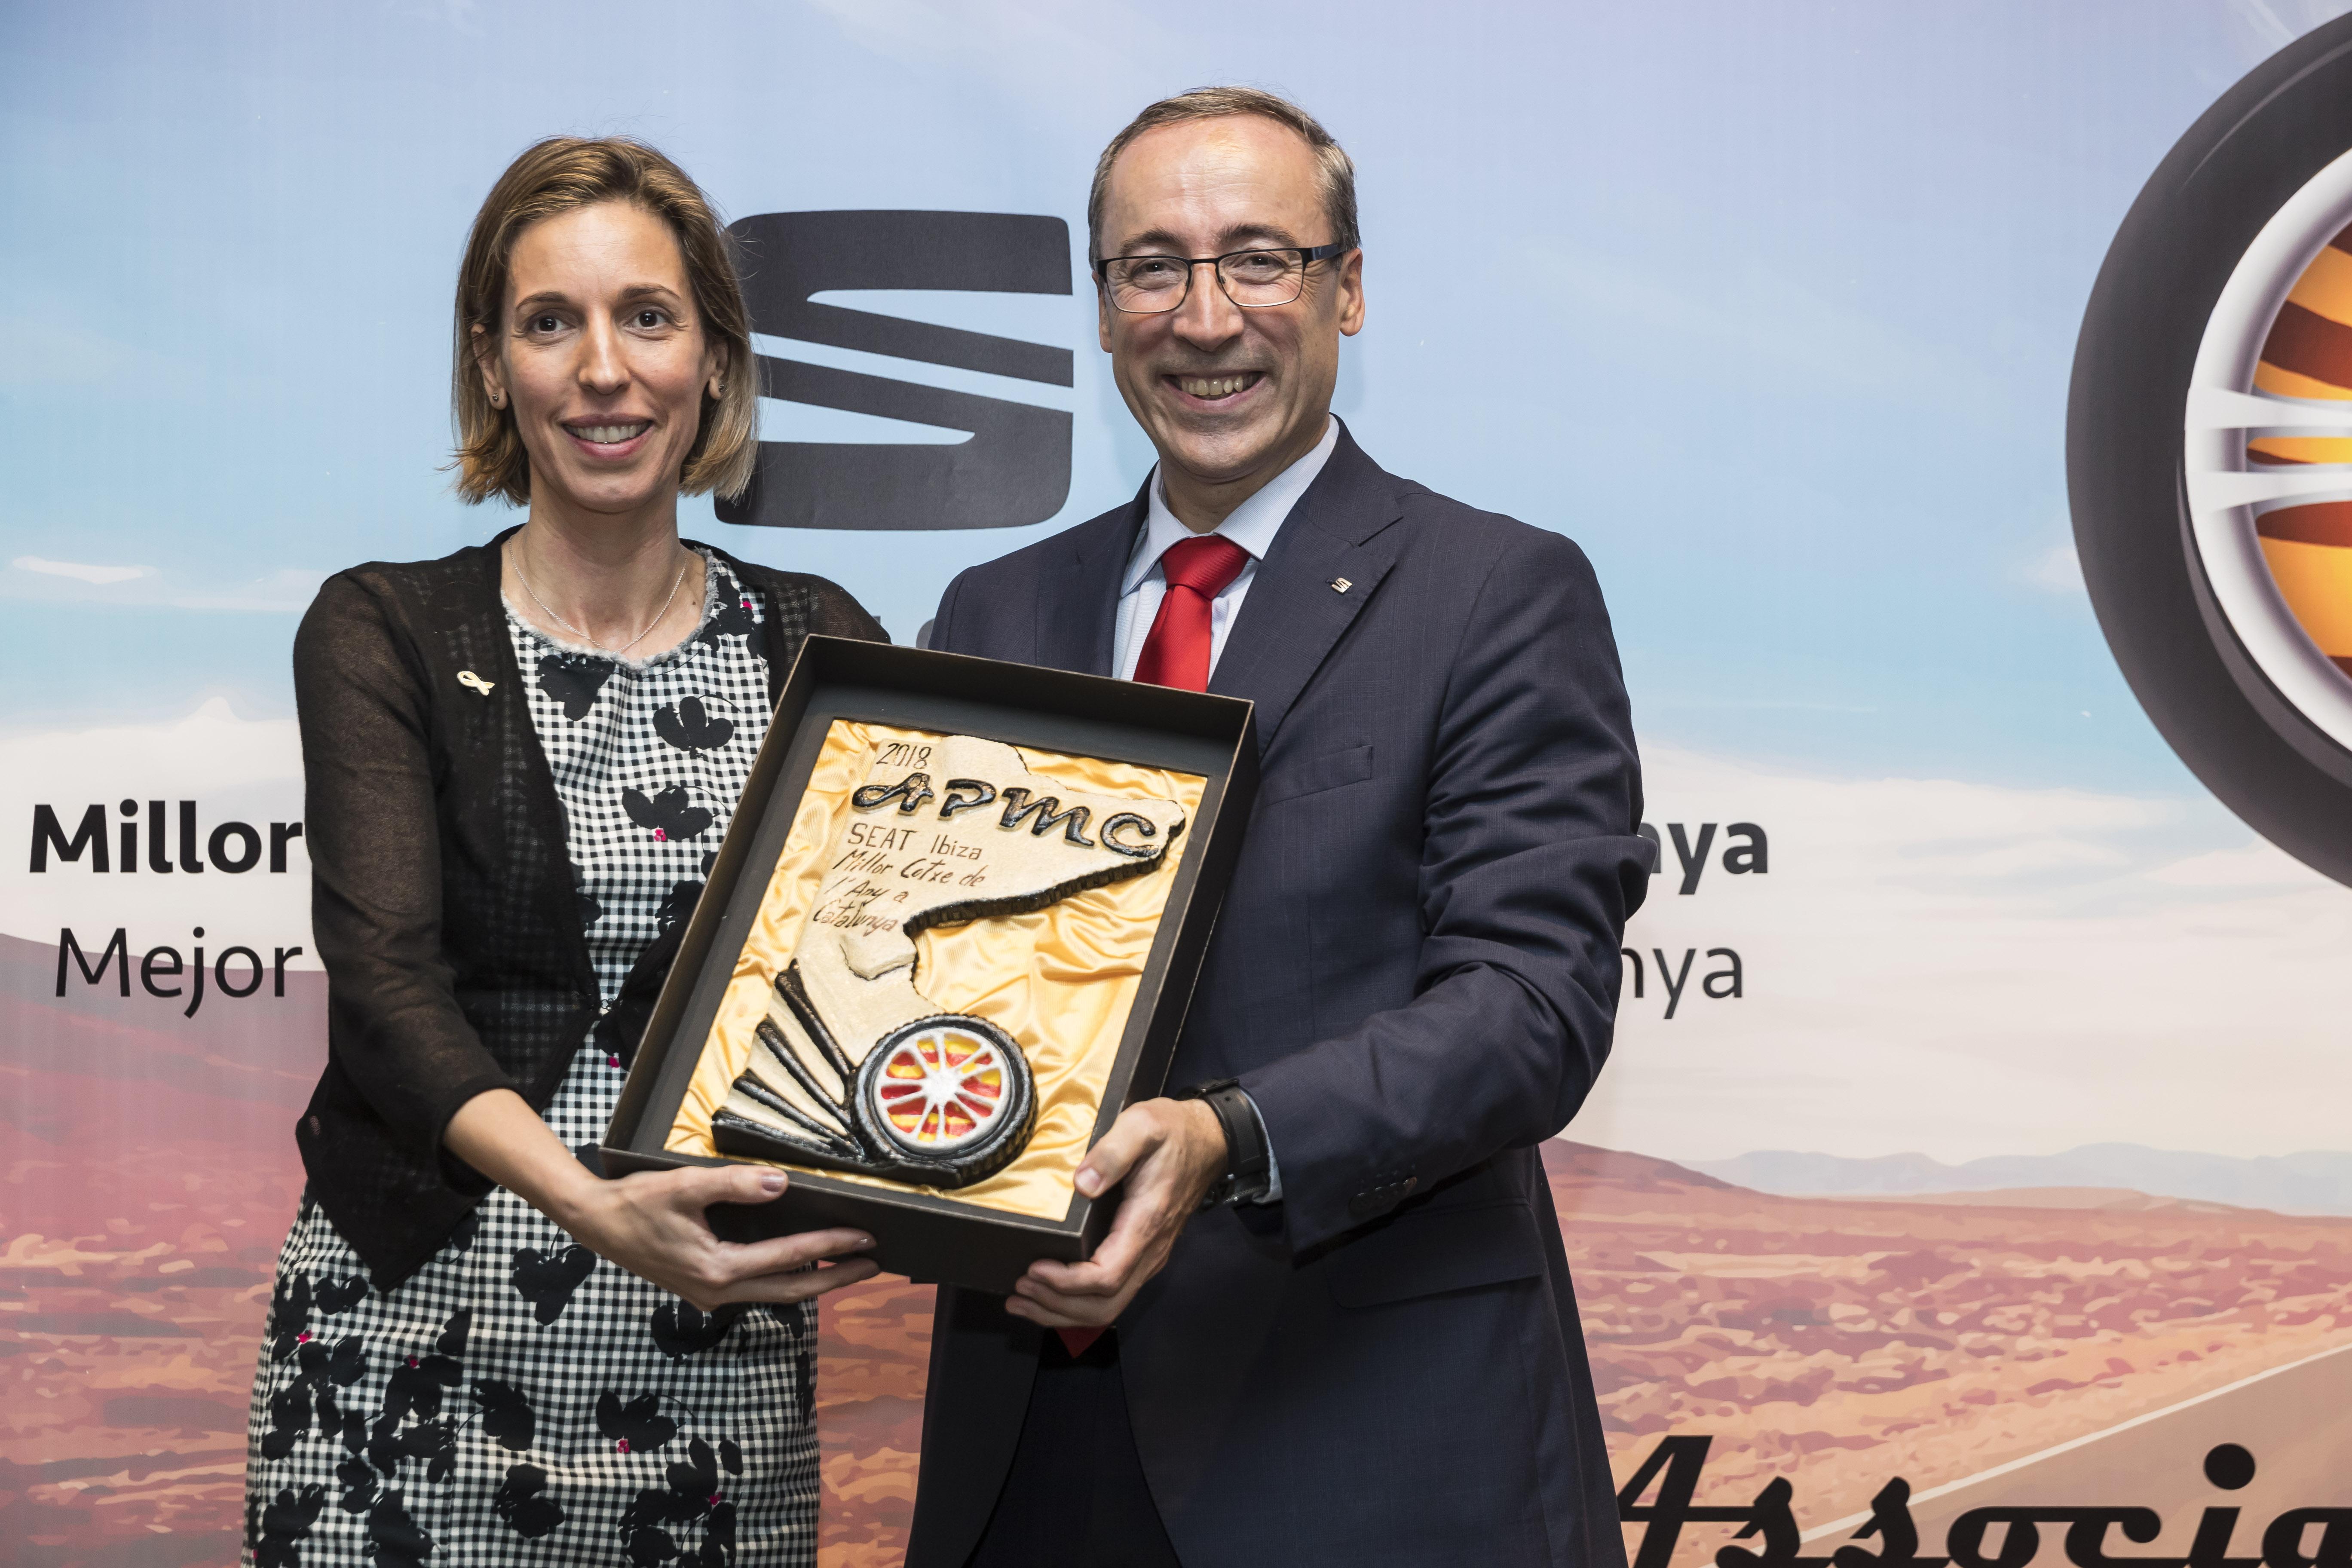 Premios APMC 5a Edicion_AK2I8550